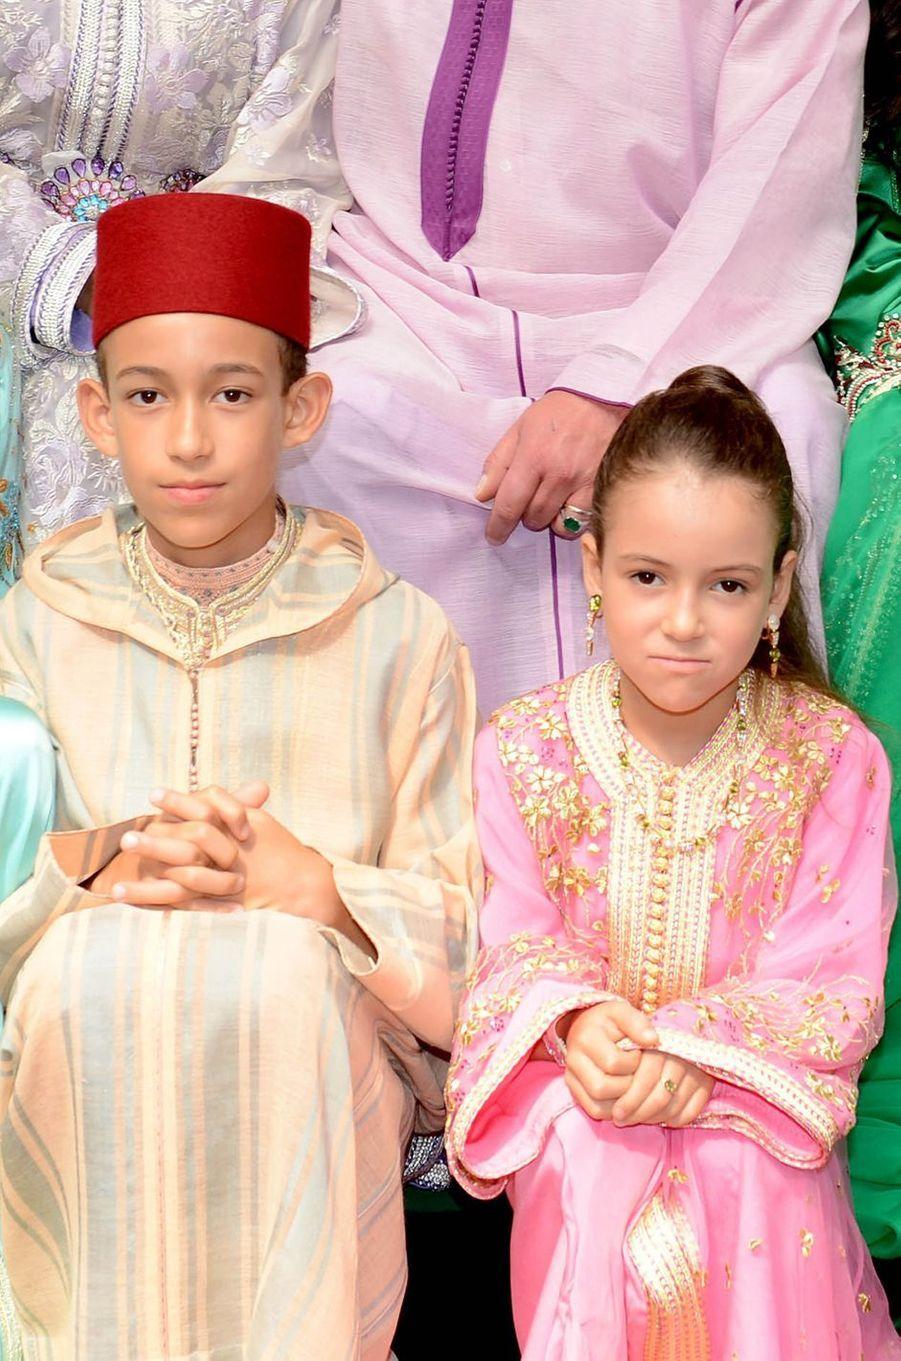 La princesse Lalla Khadija du Maroc avec son frère le prince Moulay El Hassan, le 15 juin 2014